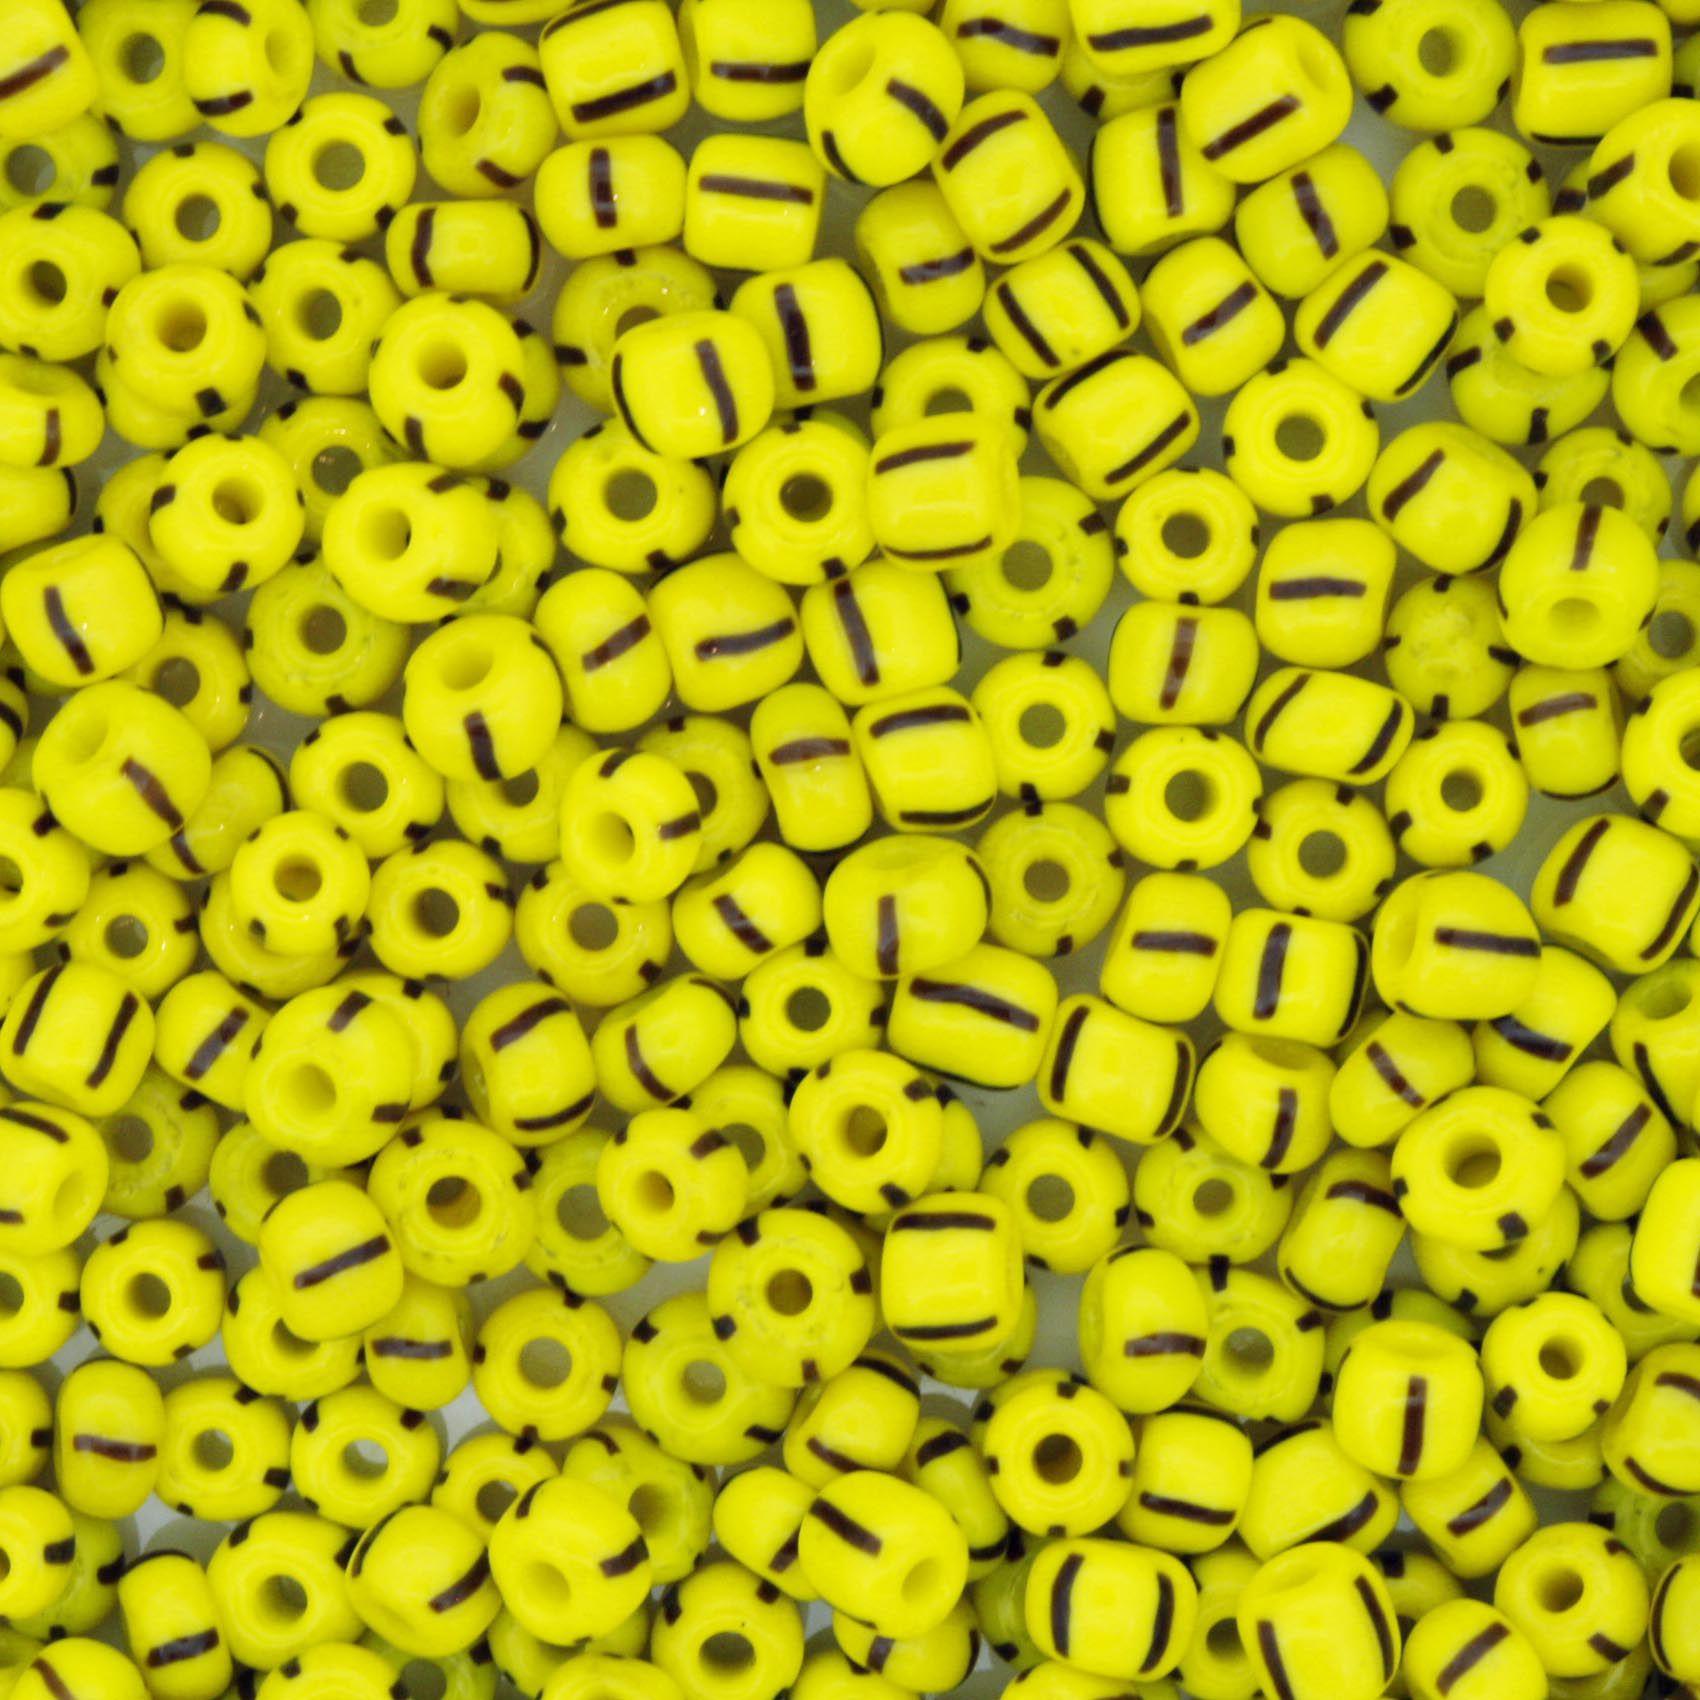 Miçanga - Rajada Amarela e Preta - 6/0 [4x3mm]  - Stéphanie Bijoux® - Peças para Bijuterias e Artesanato